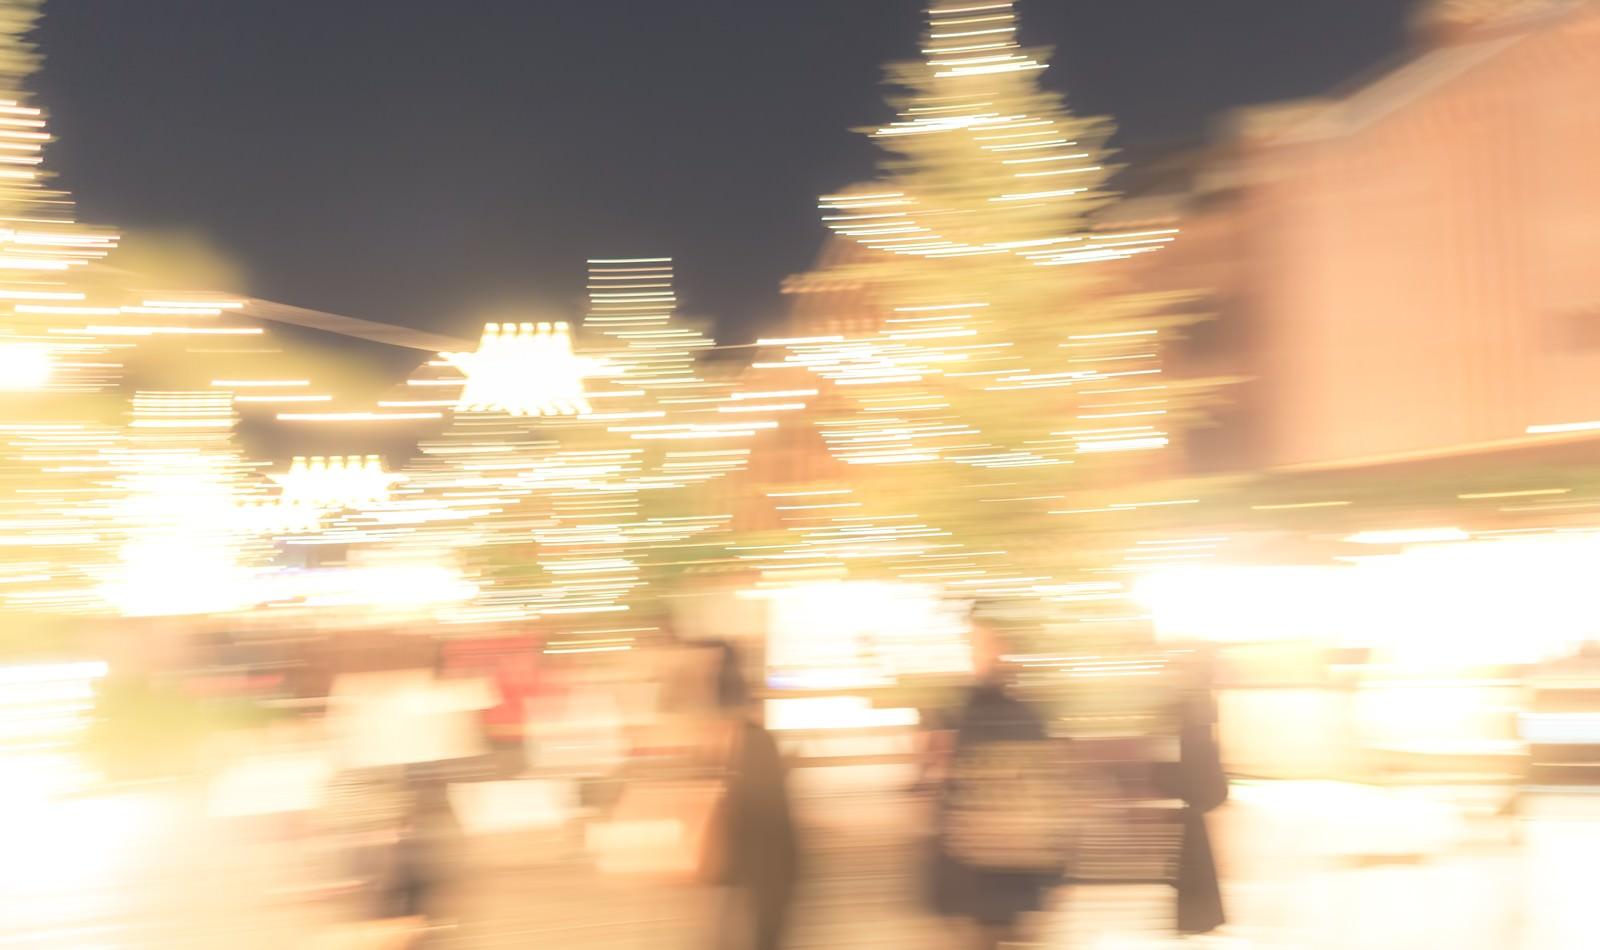 「人とイルミネーションの光」の写真